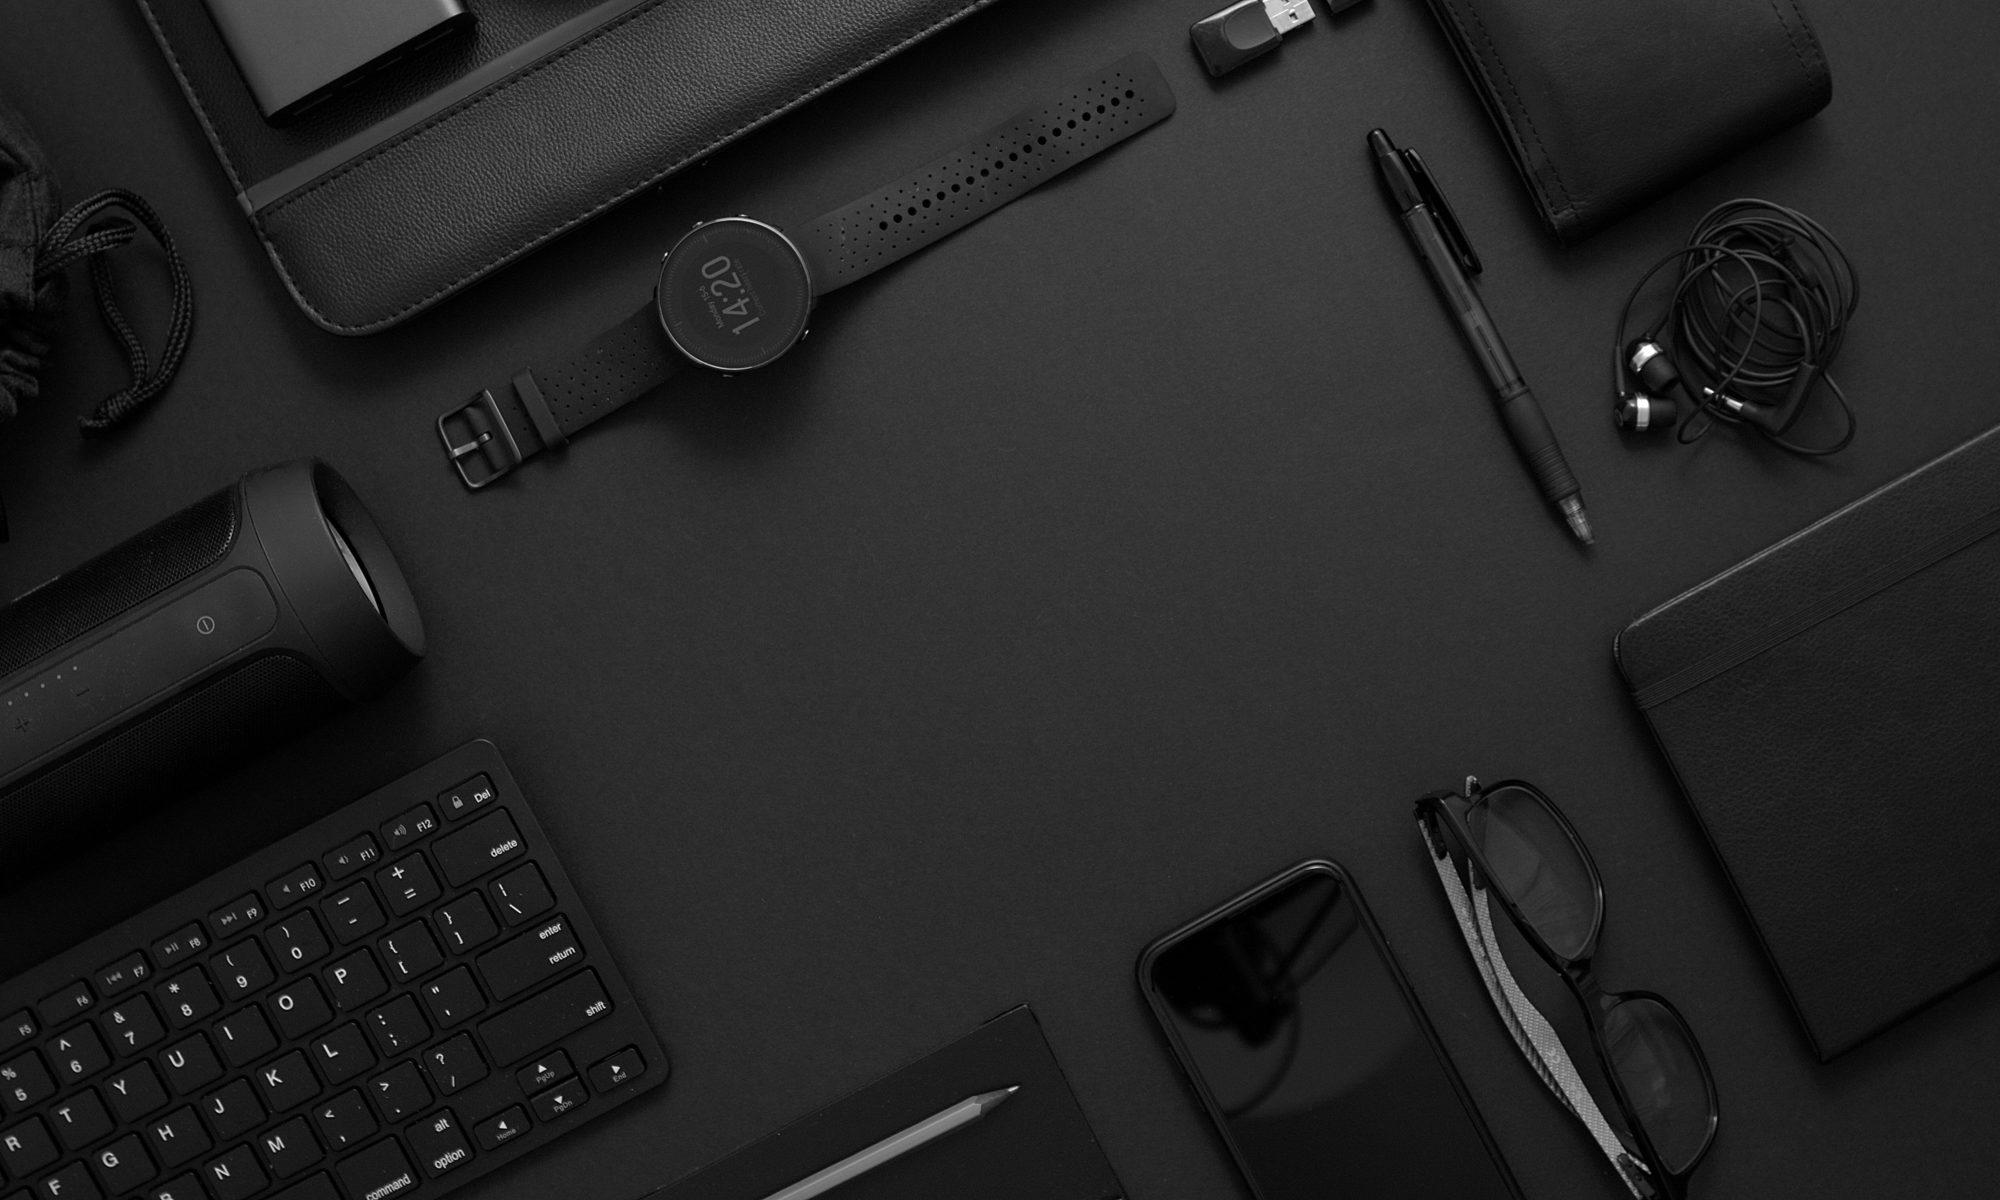 gadżety komputer czarne na czarnym tle